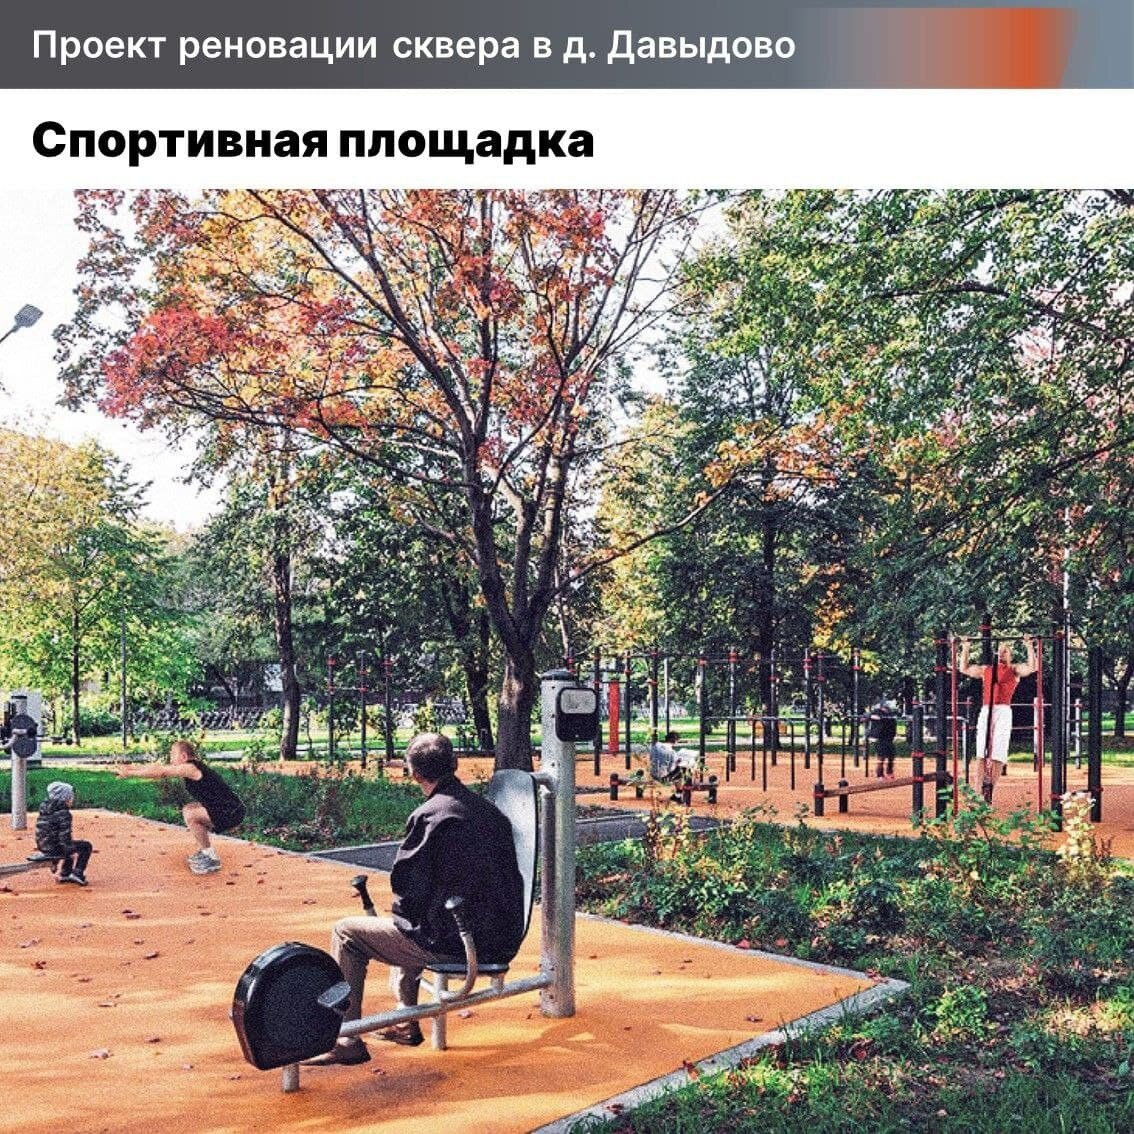 Сквер в деревне Давыдово ждет реновация